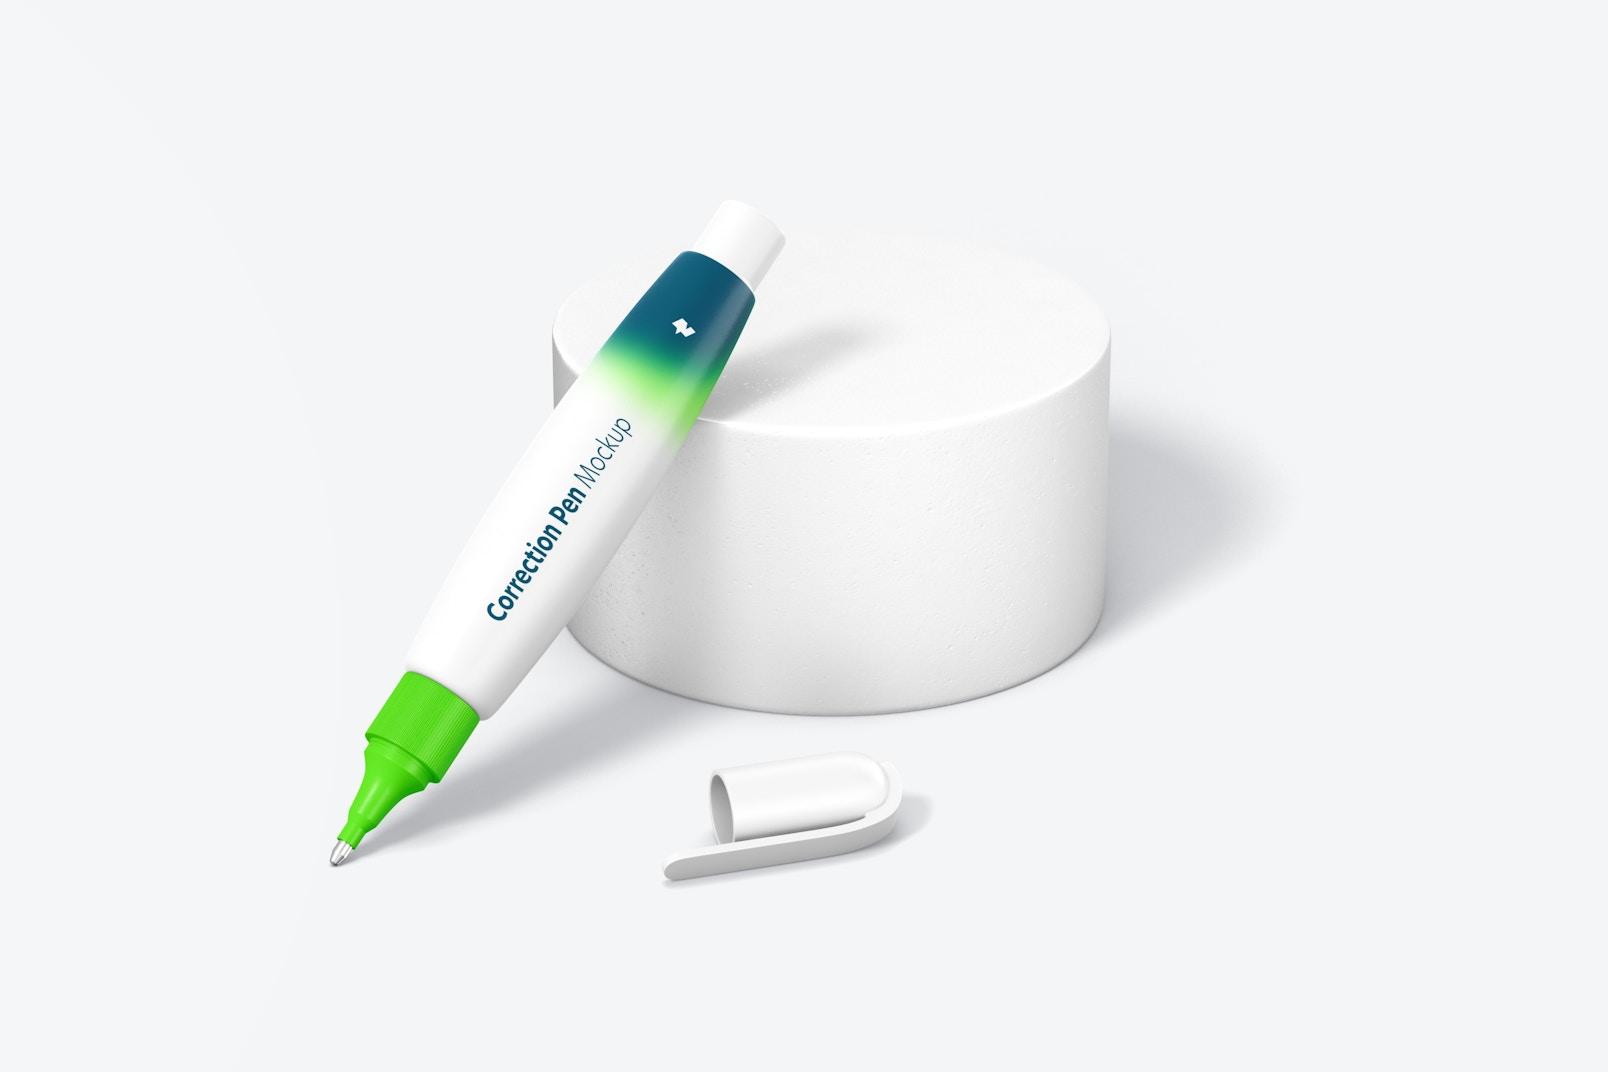 Correction Pen Mockup, Opened